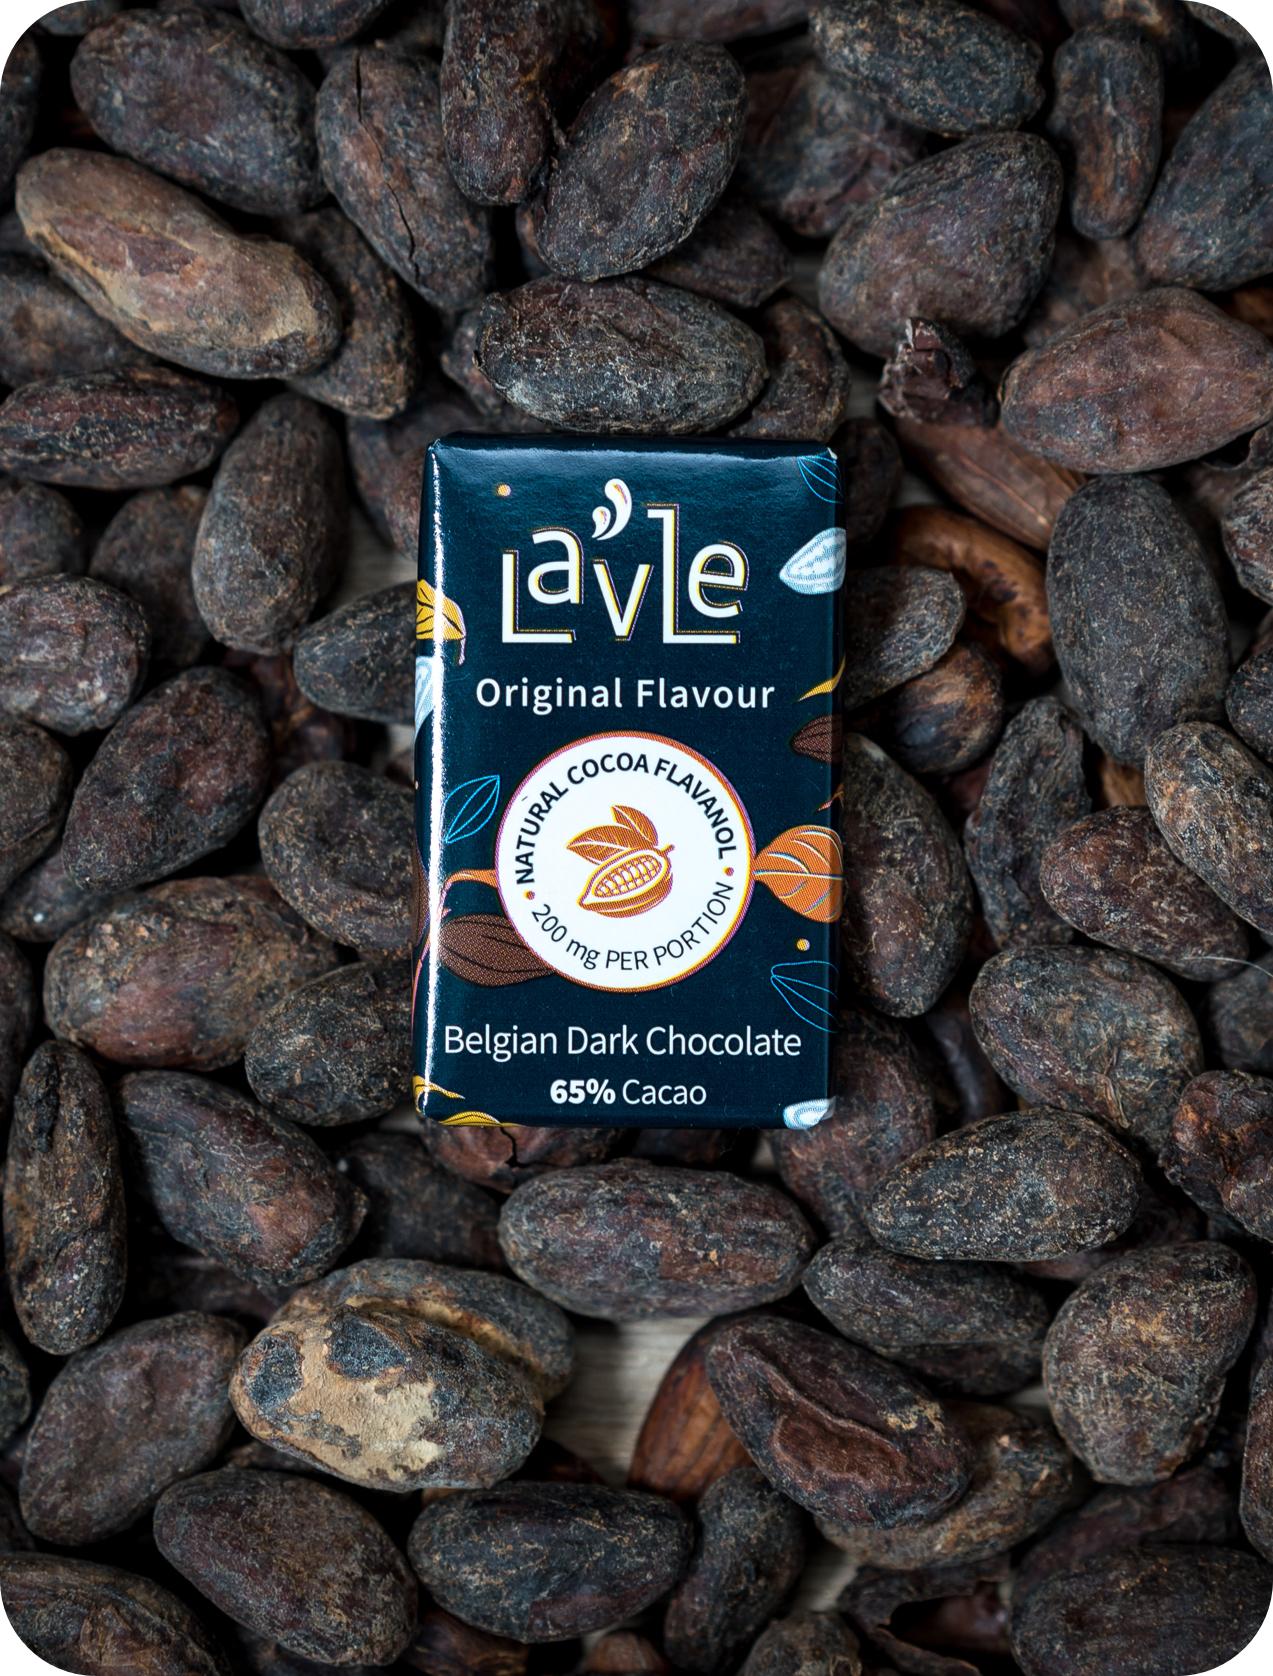 Lavle Flavanol Original Flavour